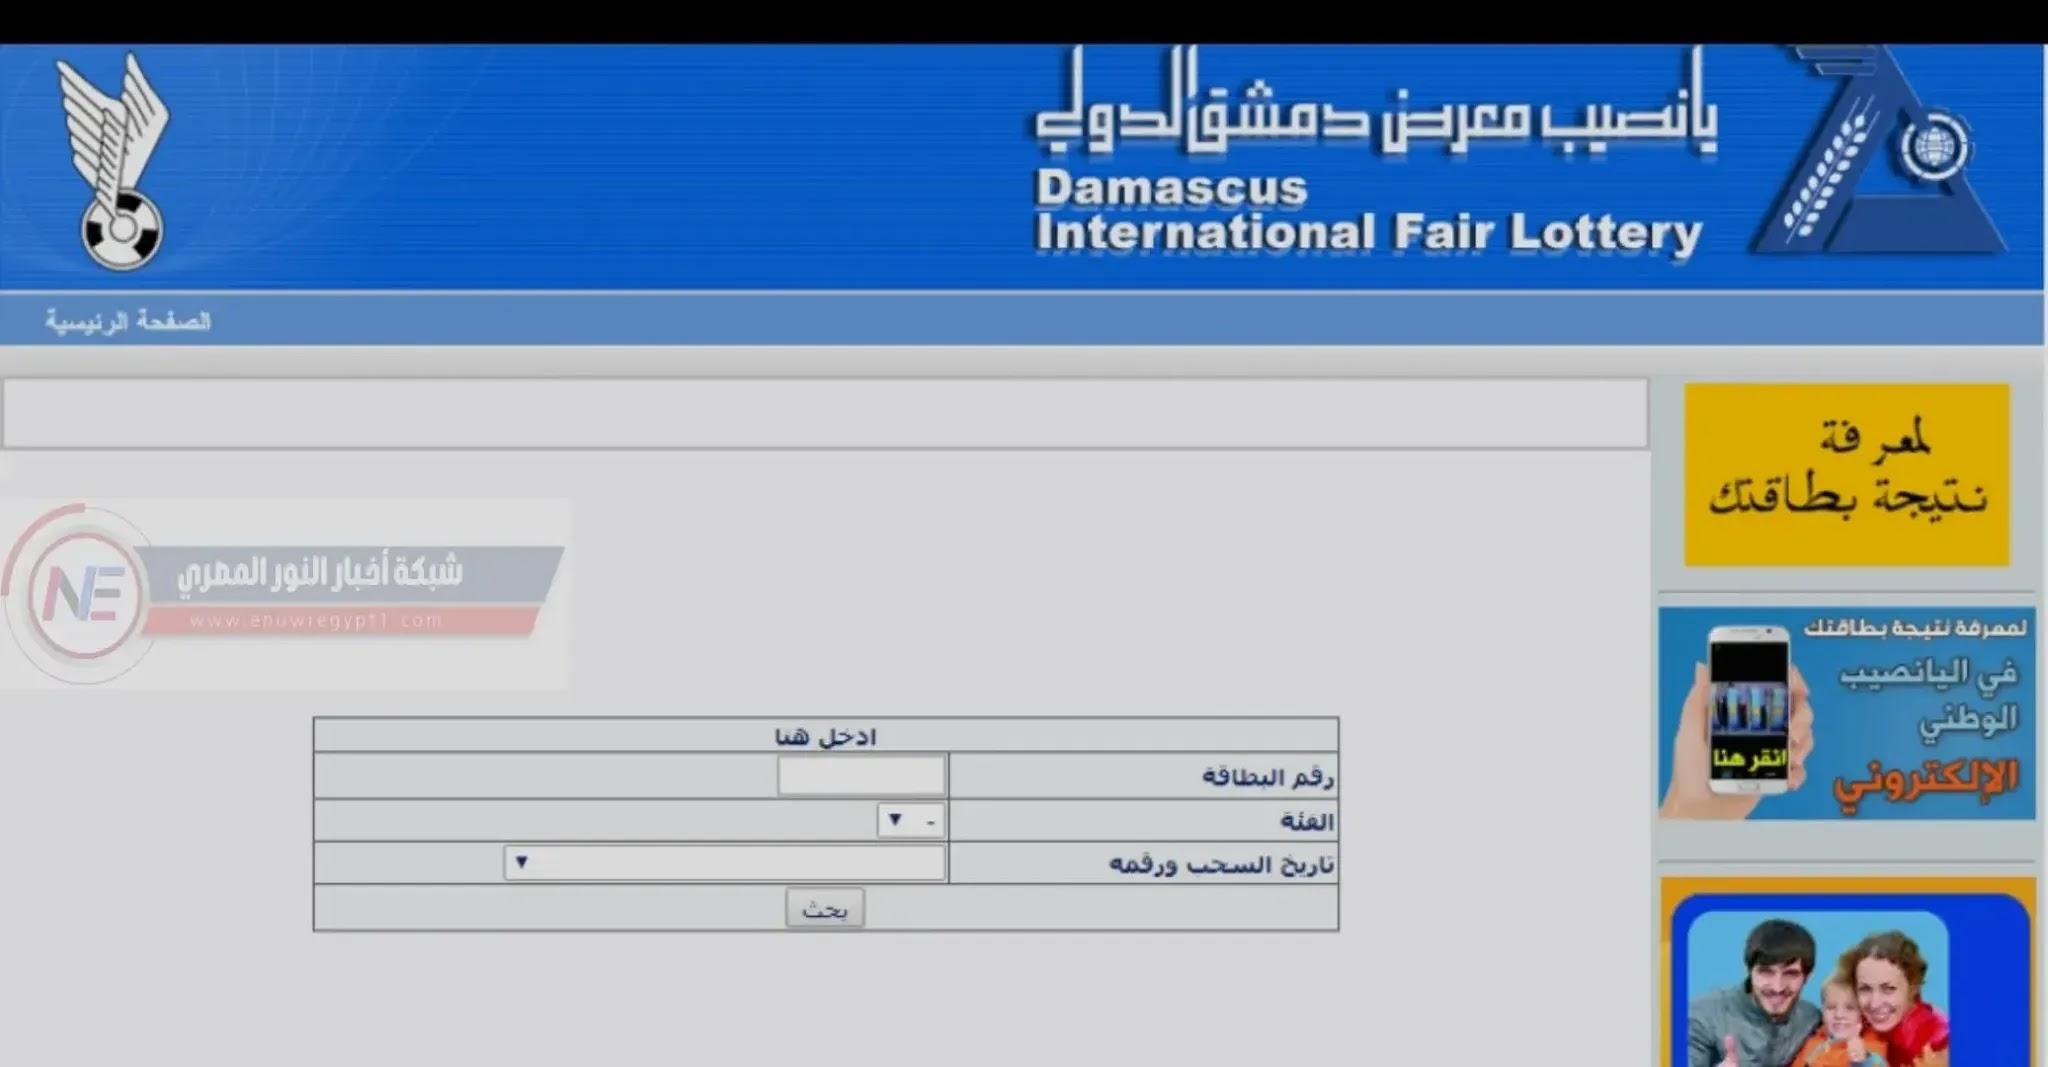 | رابط نتائج يانصيب معرض دمشق الدولي السورى | صدورها فورا الارقام الرابحة في يانصيب دمشق الاصدار الدورى الخامس عشر رقم 17 بتاريخ اليوم 4 أيار 2021